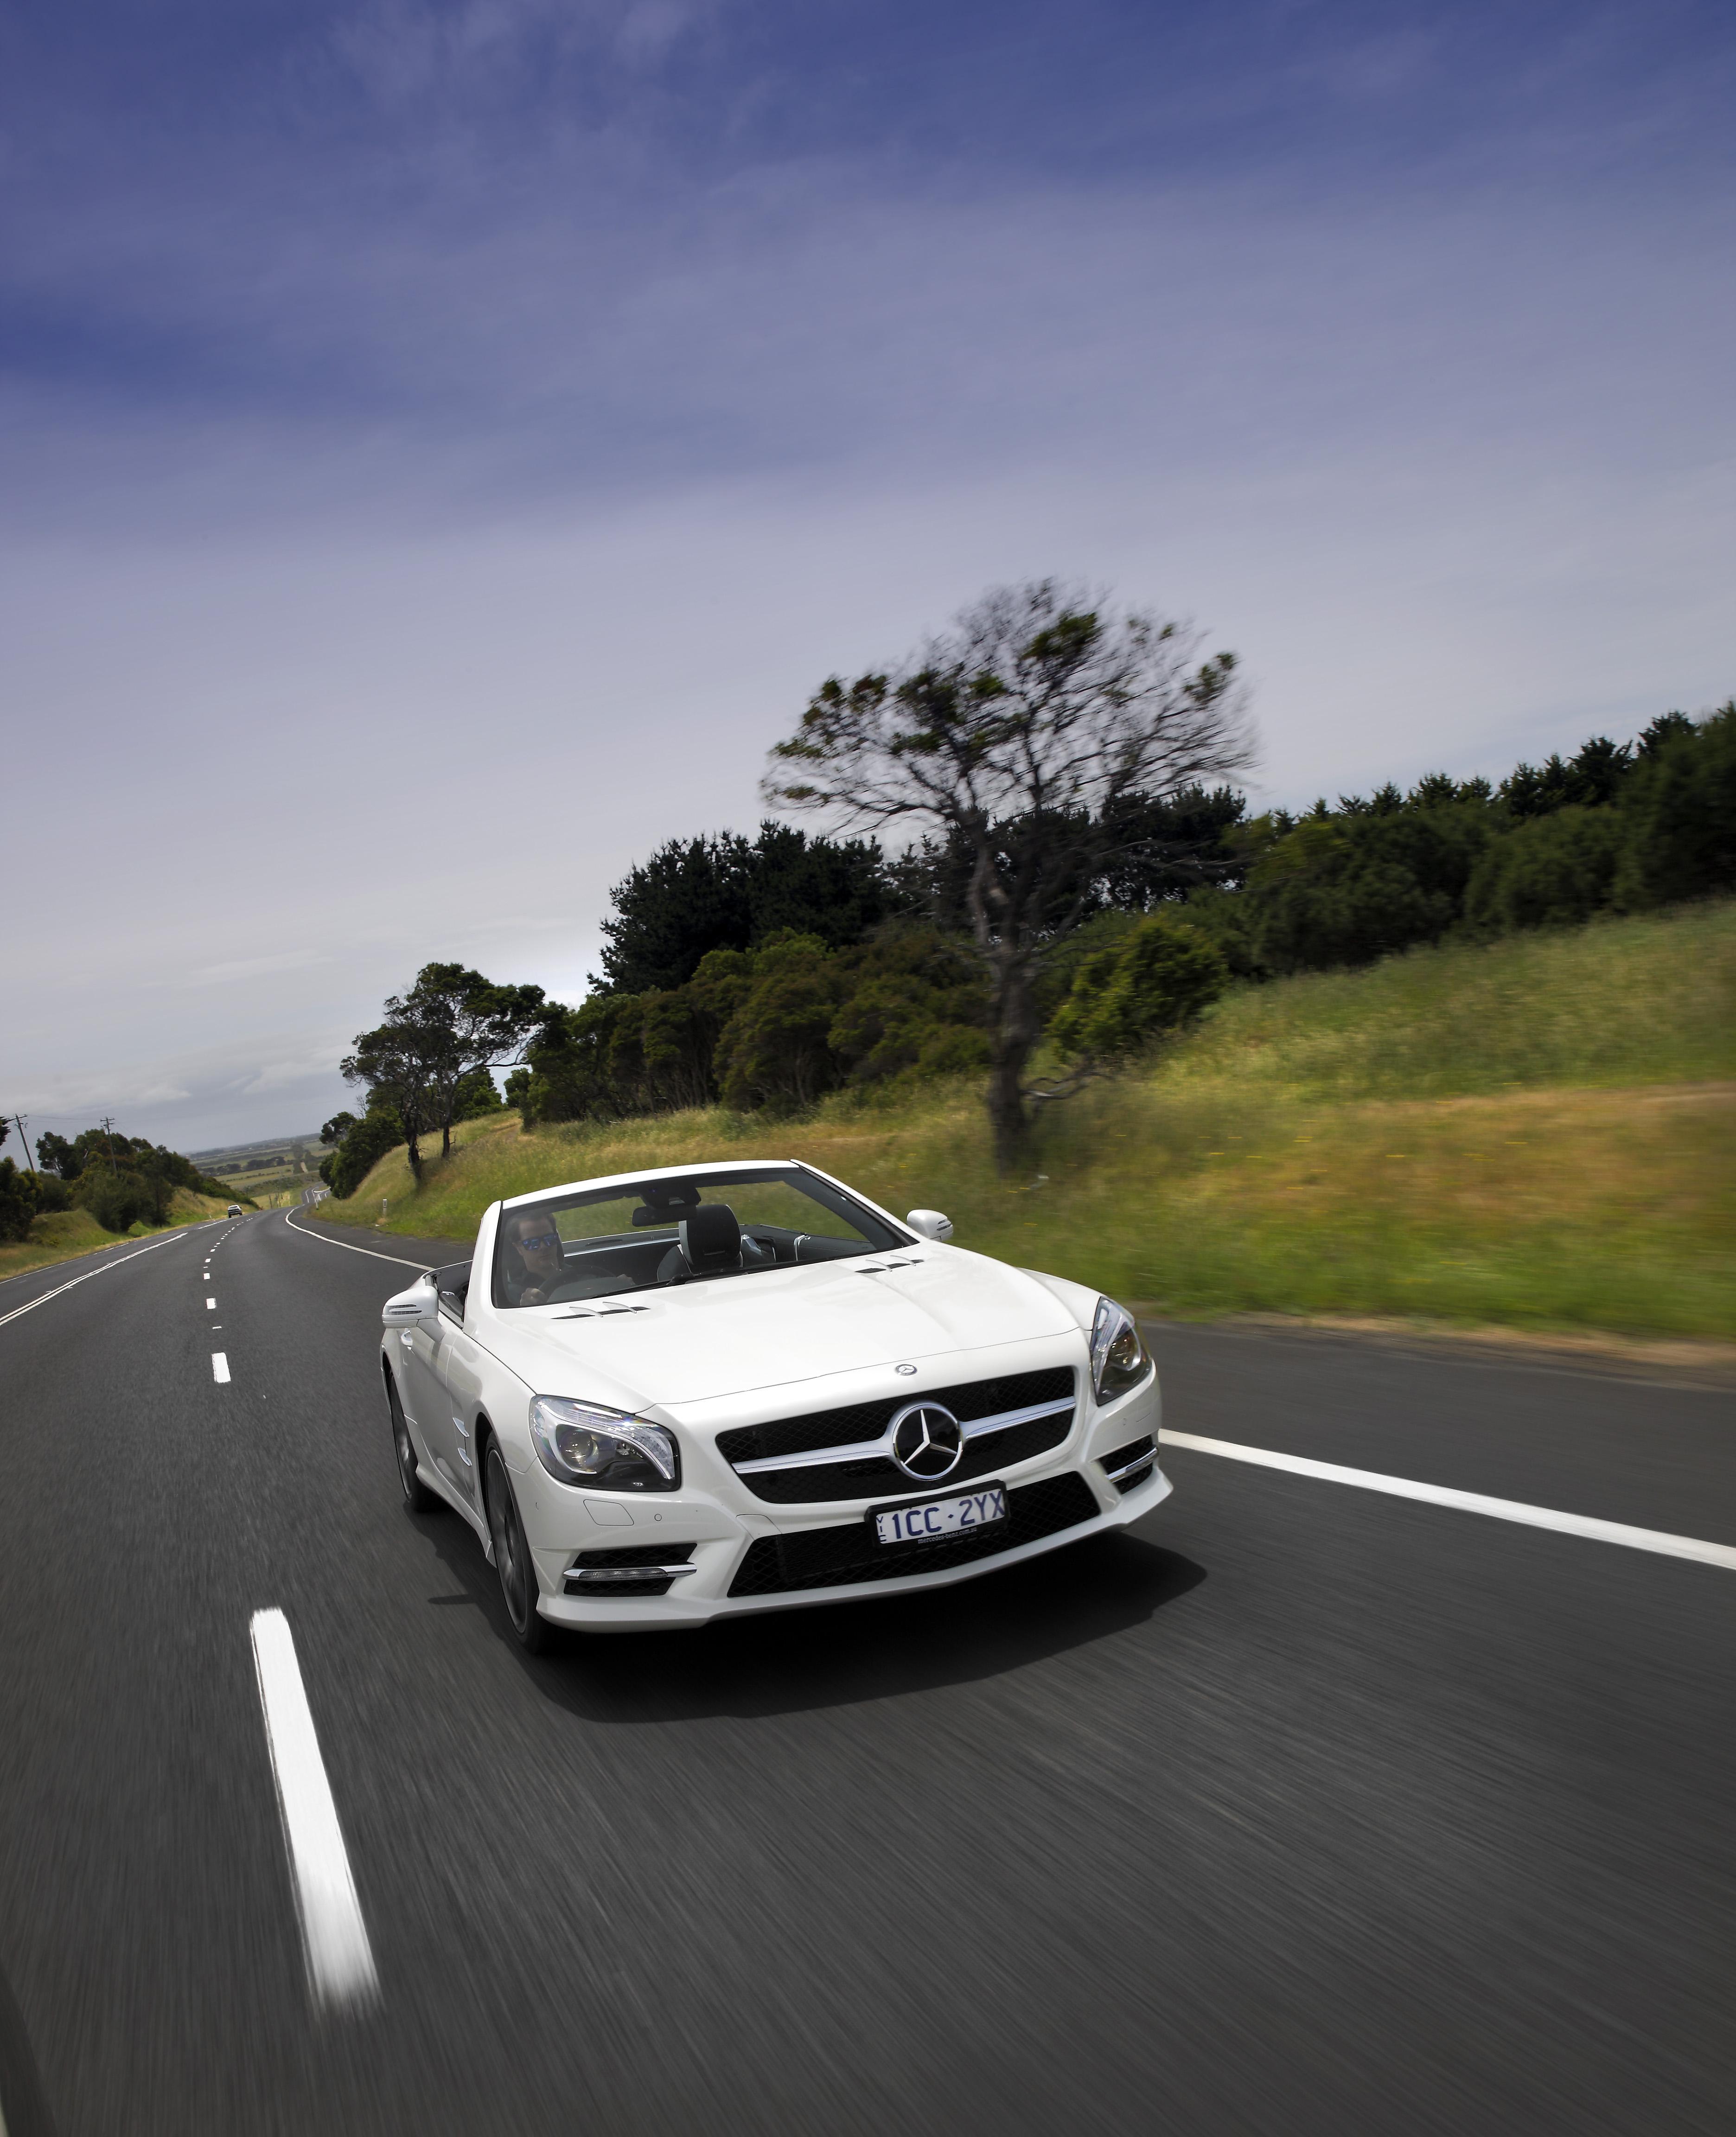 2015 Mercedes-Benz SL400 Review